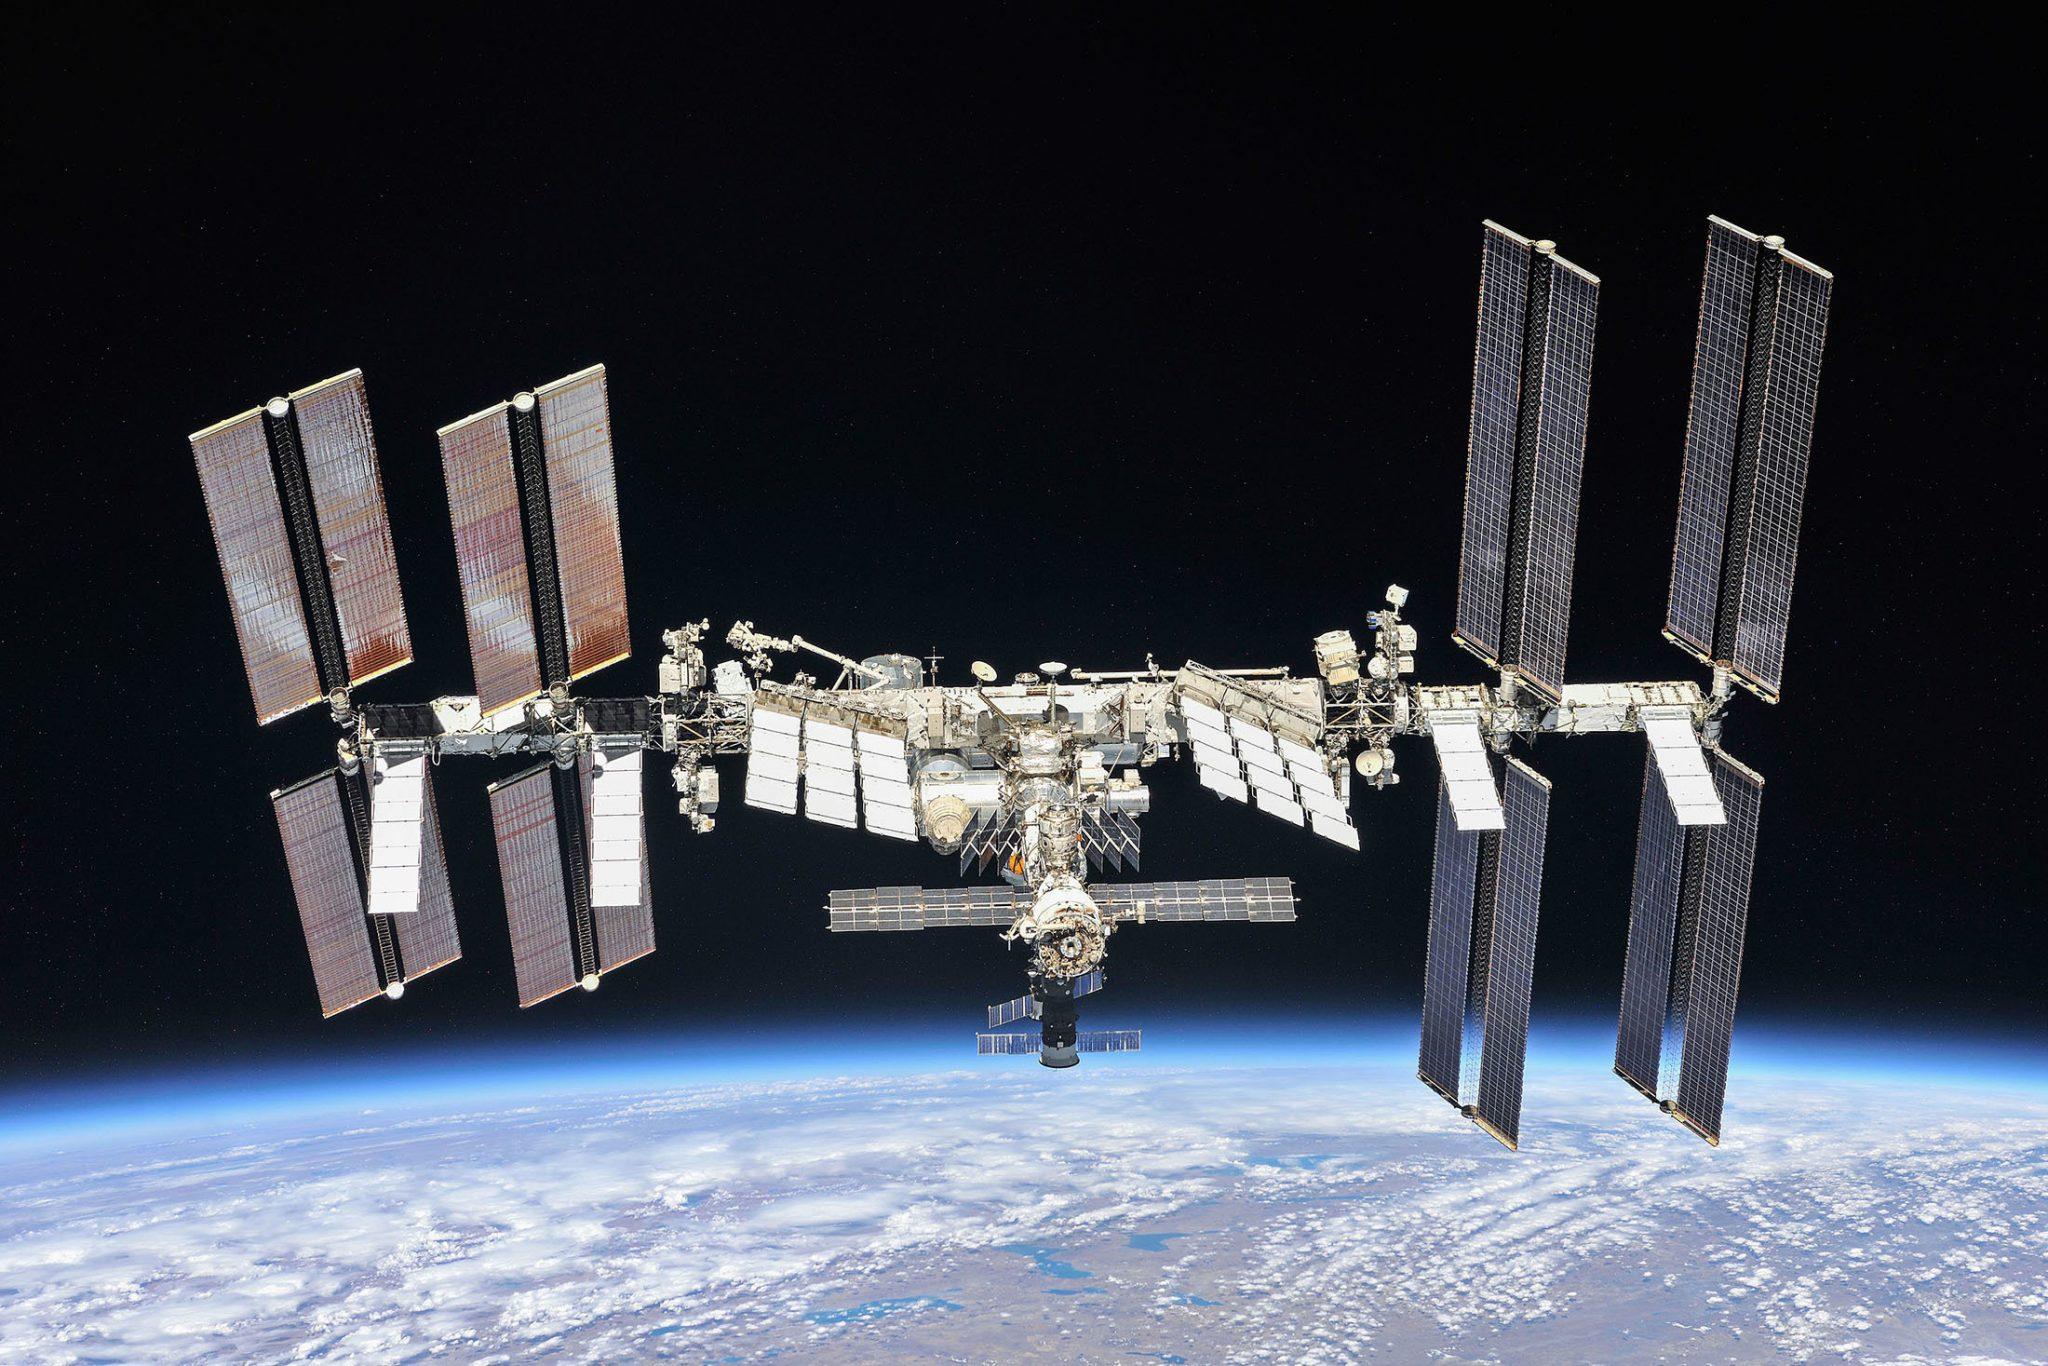 Удар под дых: NASA в одностороннем порядке повысила тарифы